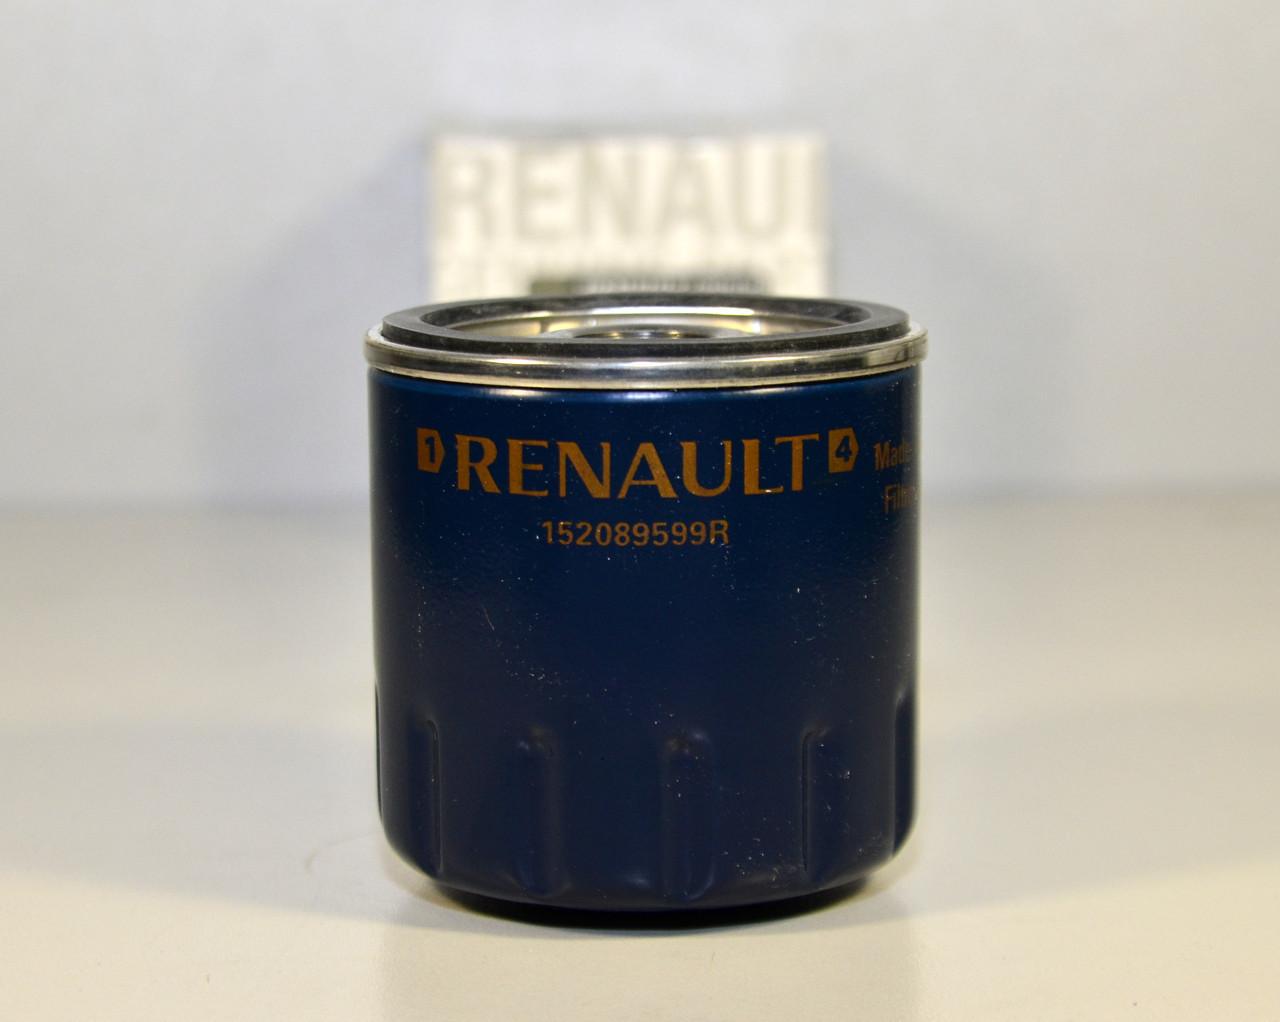 Фильтр масла на Renault Duster - Renault (Оригинал) - 152089599R